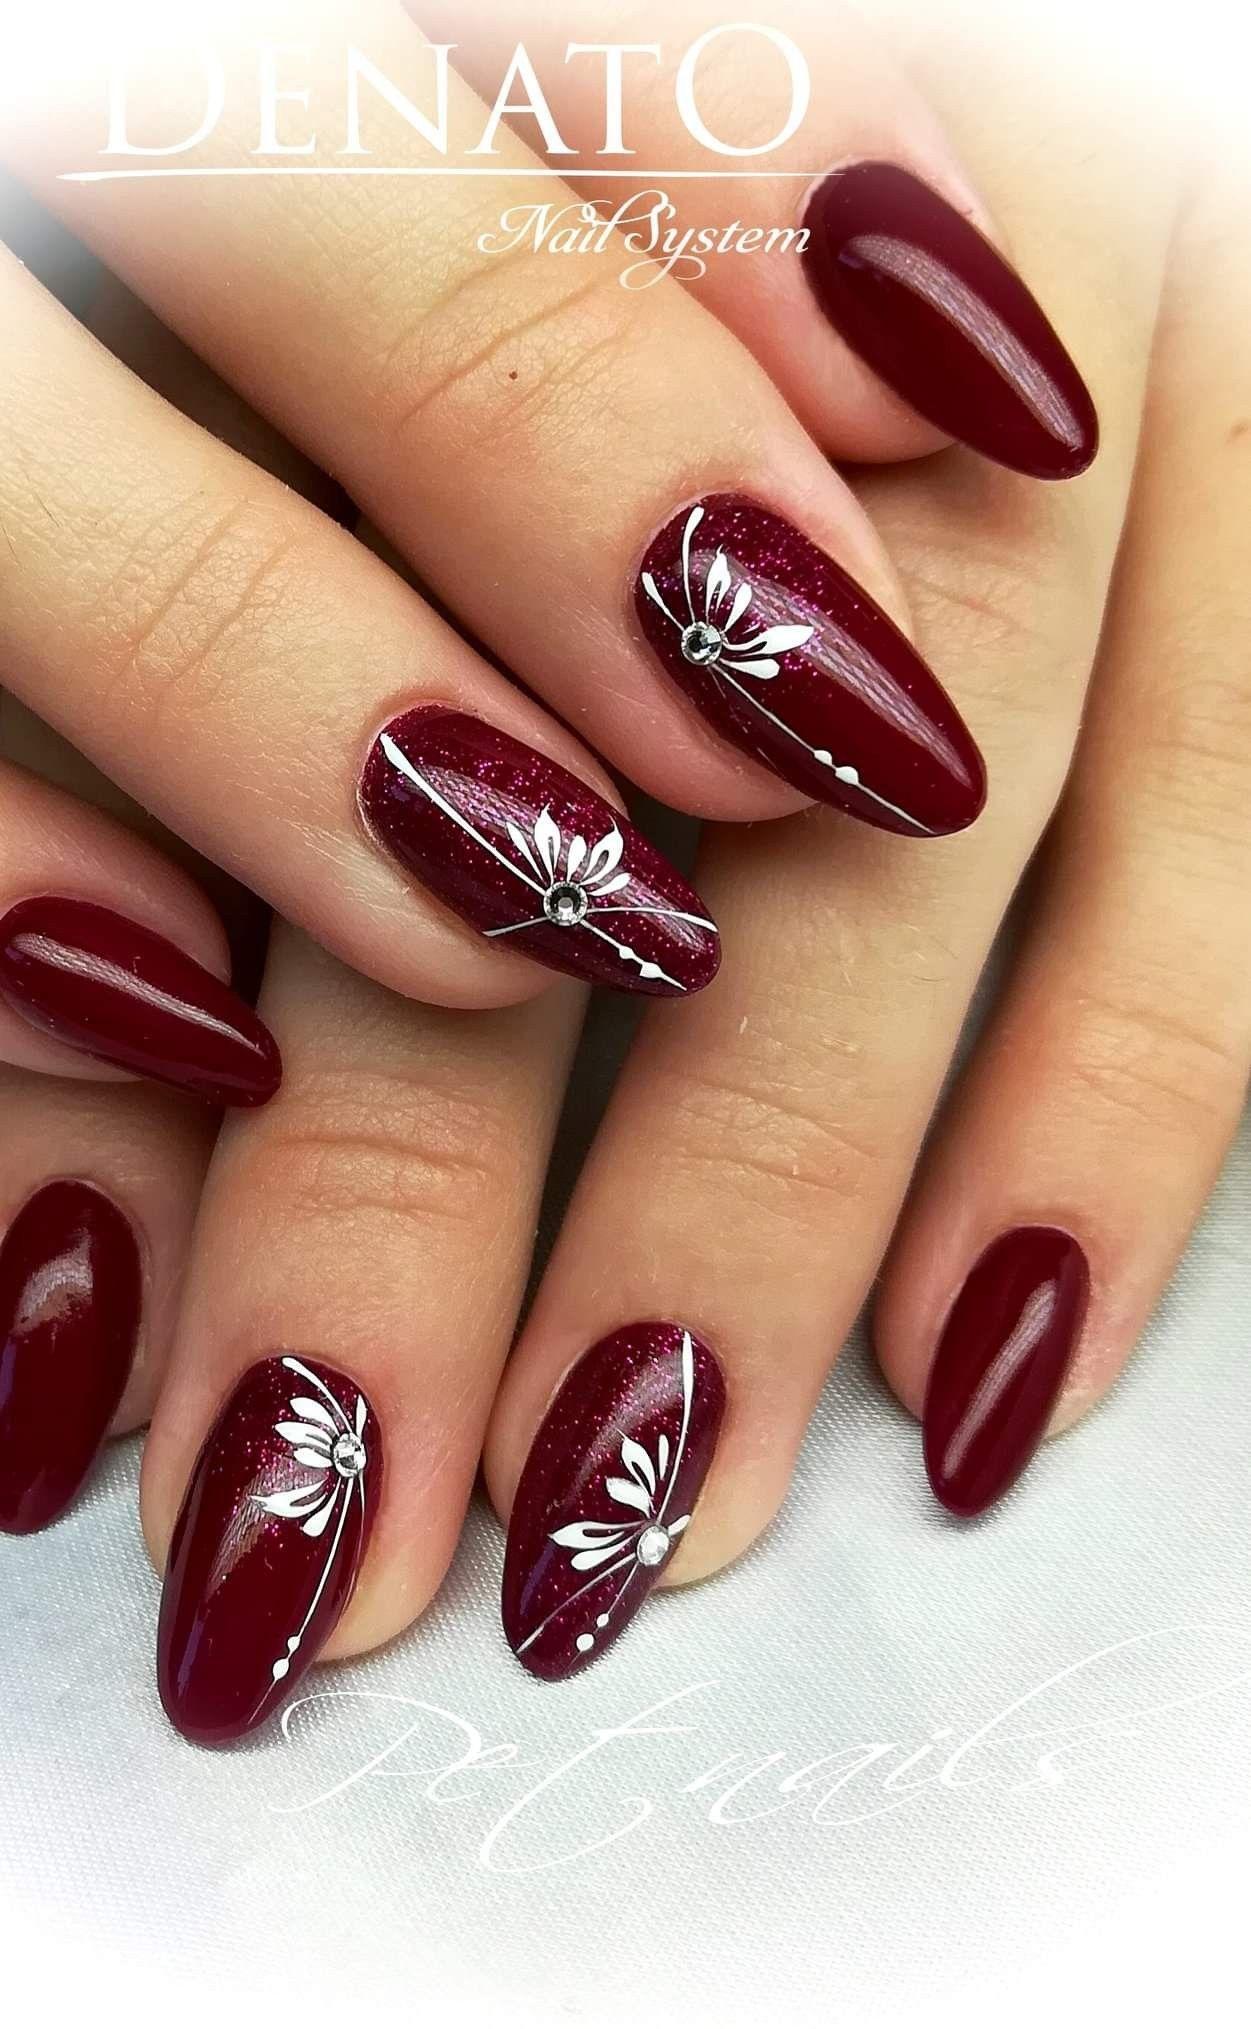 Lovely nails, even better for Christmas